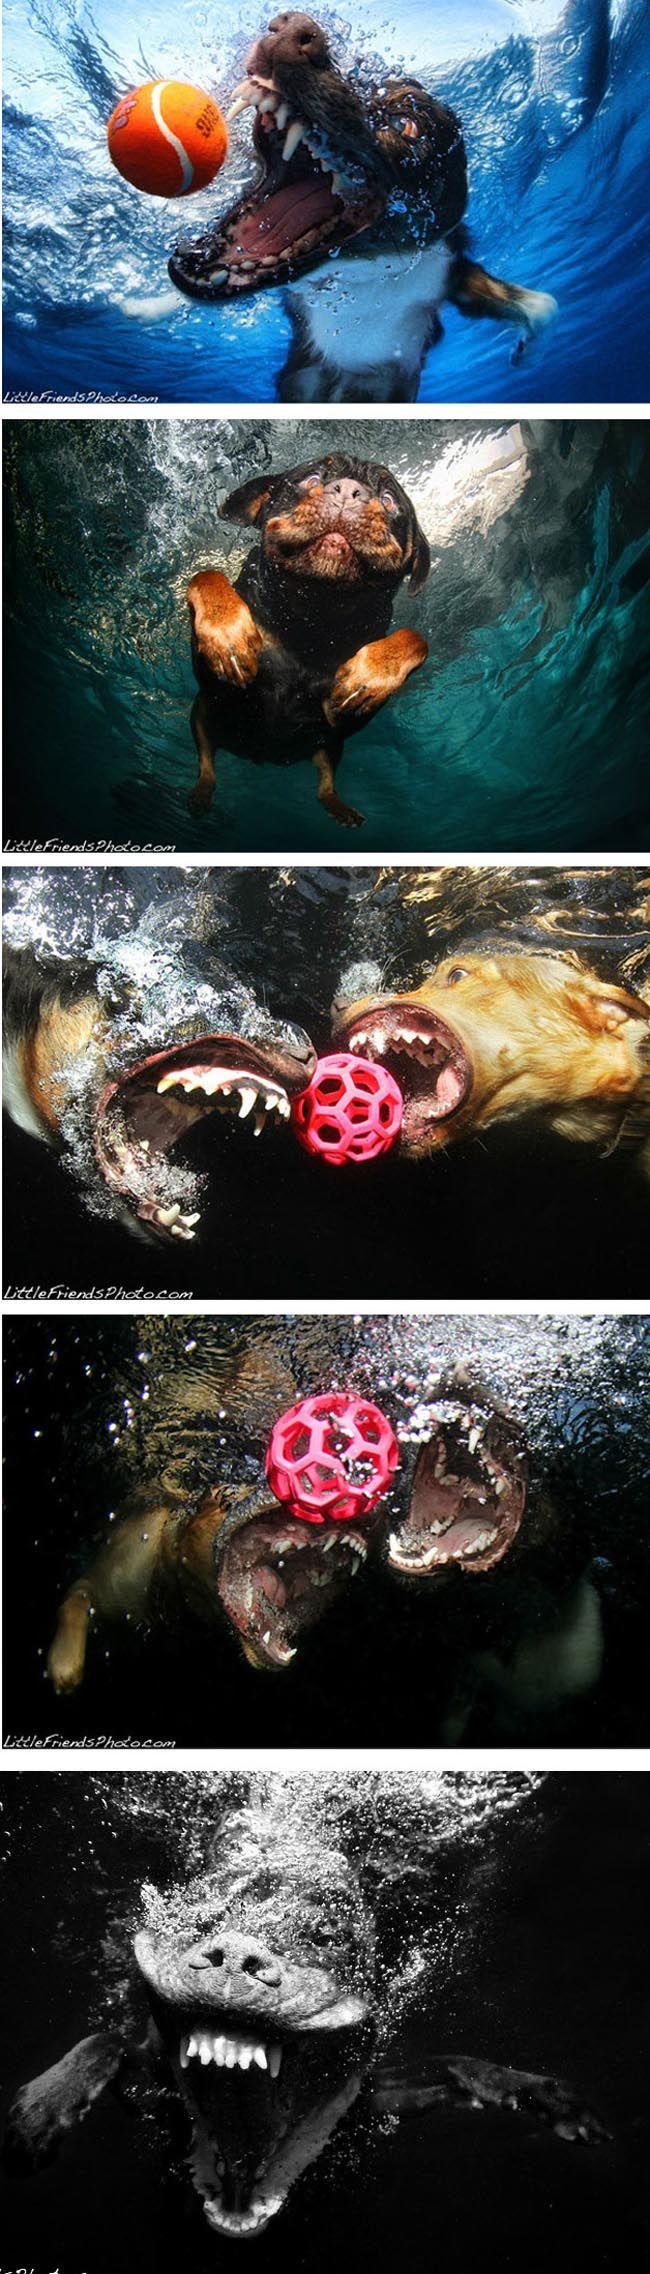 underwater doggies part 2